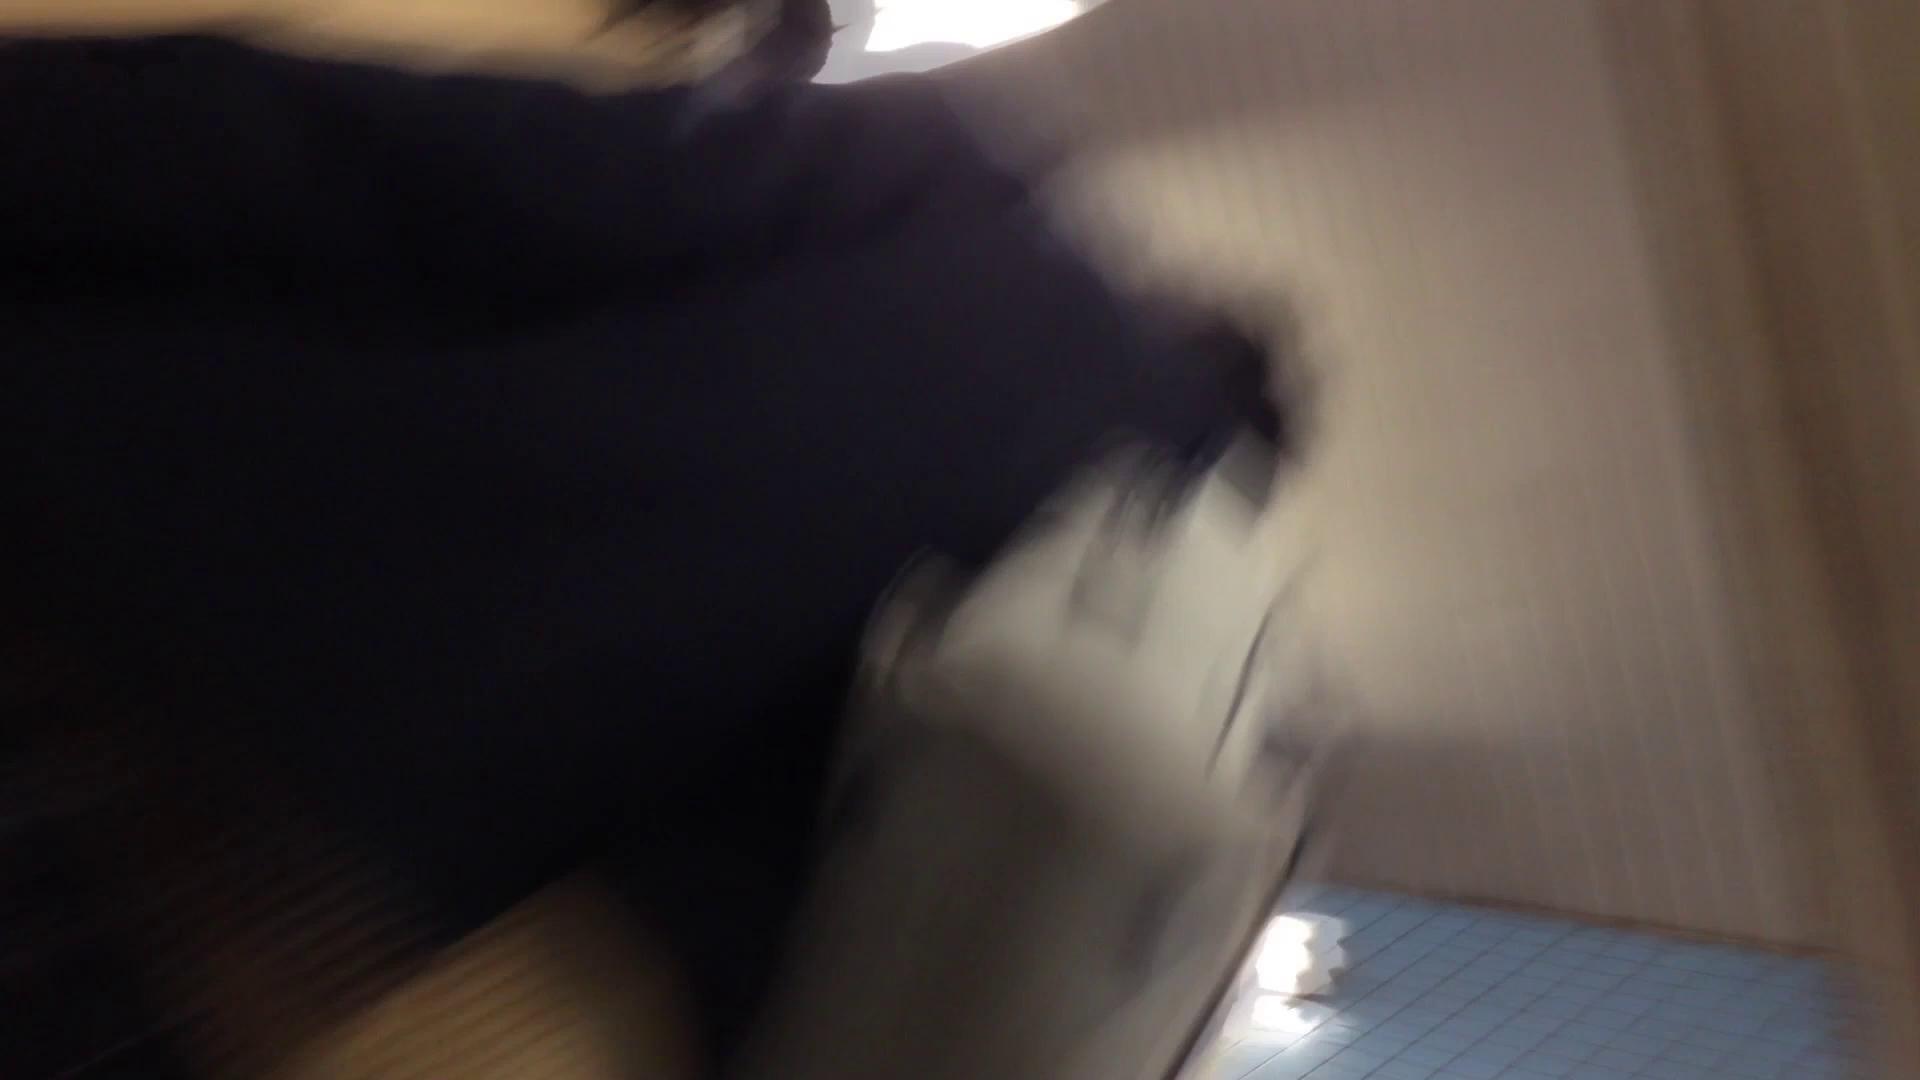 階段パンチラ Vol.06 OLのボディ オメコ動画キャプチャ 61PIX 54